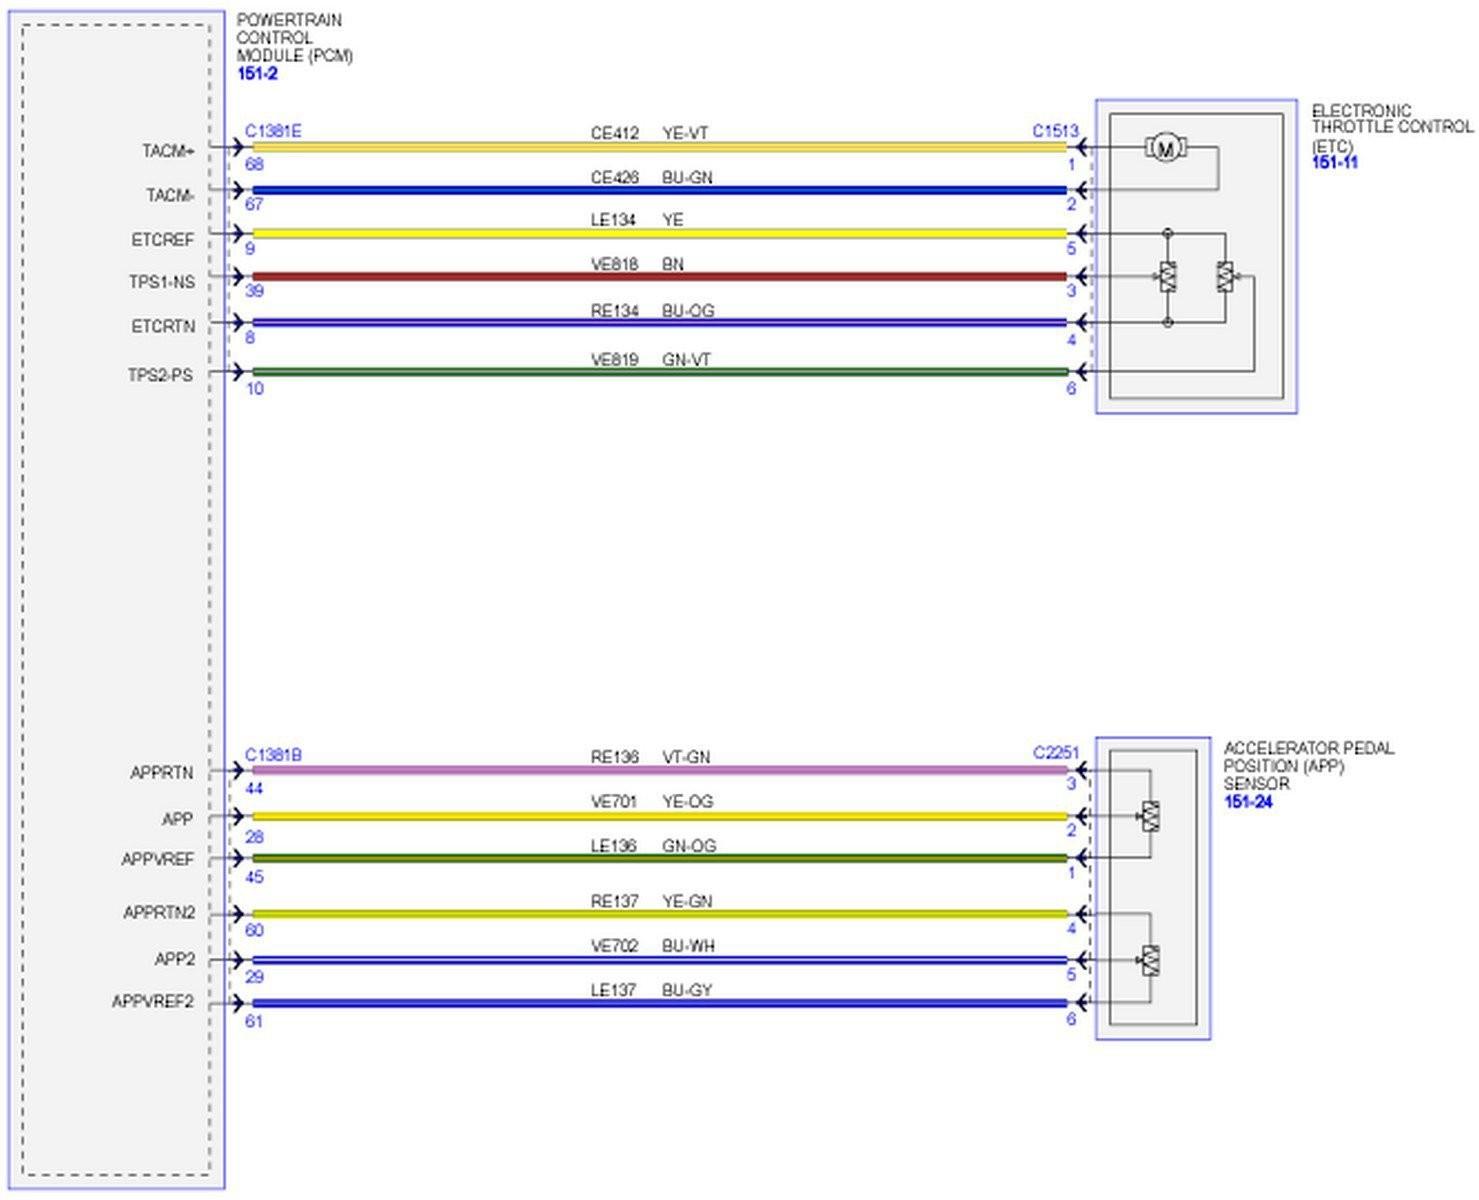 ford fusion stereo wiring color diagrams - wiring diagrams rich-metal-a -  rich-metal-a.alcuoredeldiabete.it  al cuore del diabete